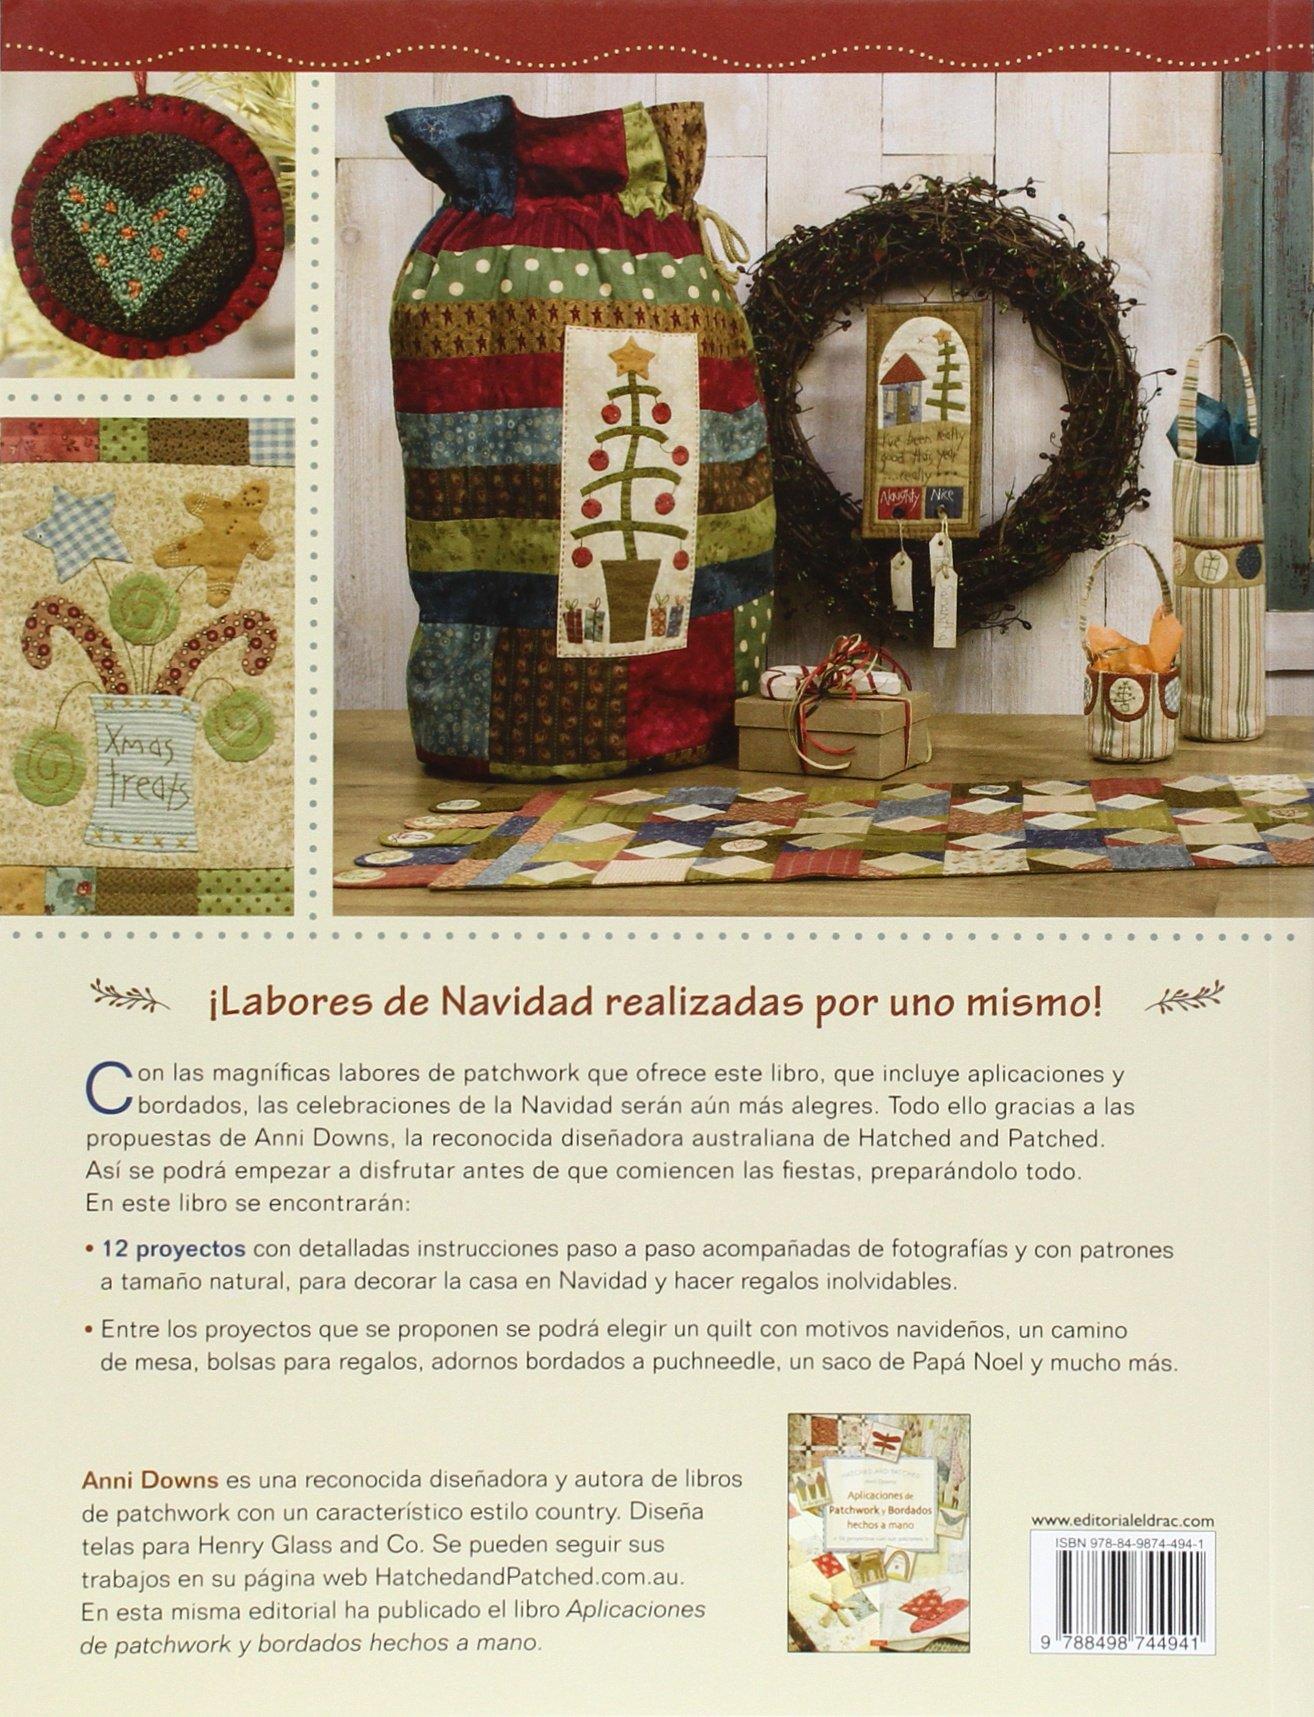 Aplicaciones de patchwork y bordados para navidad : 12 ...